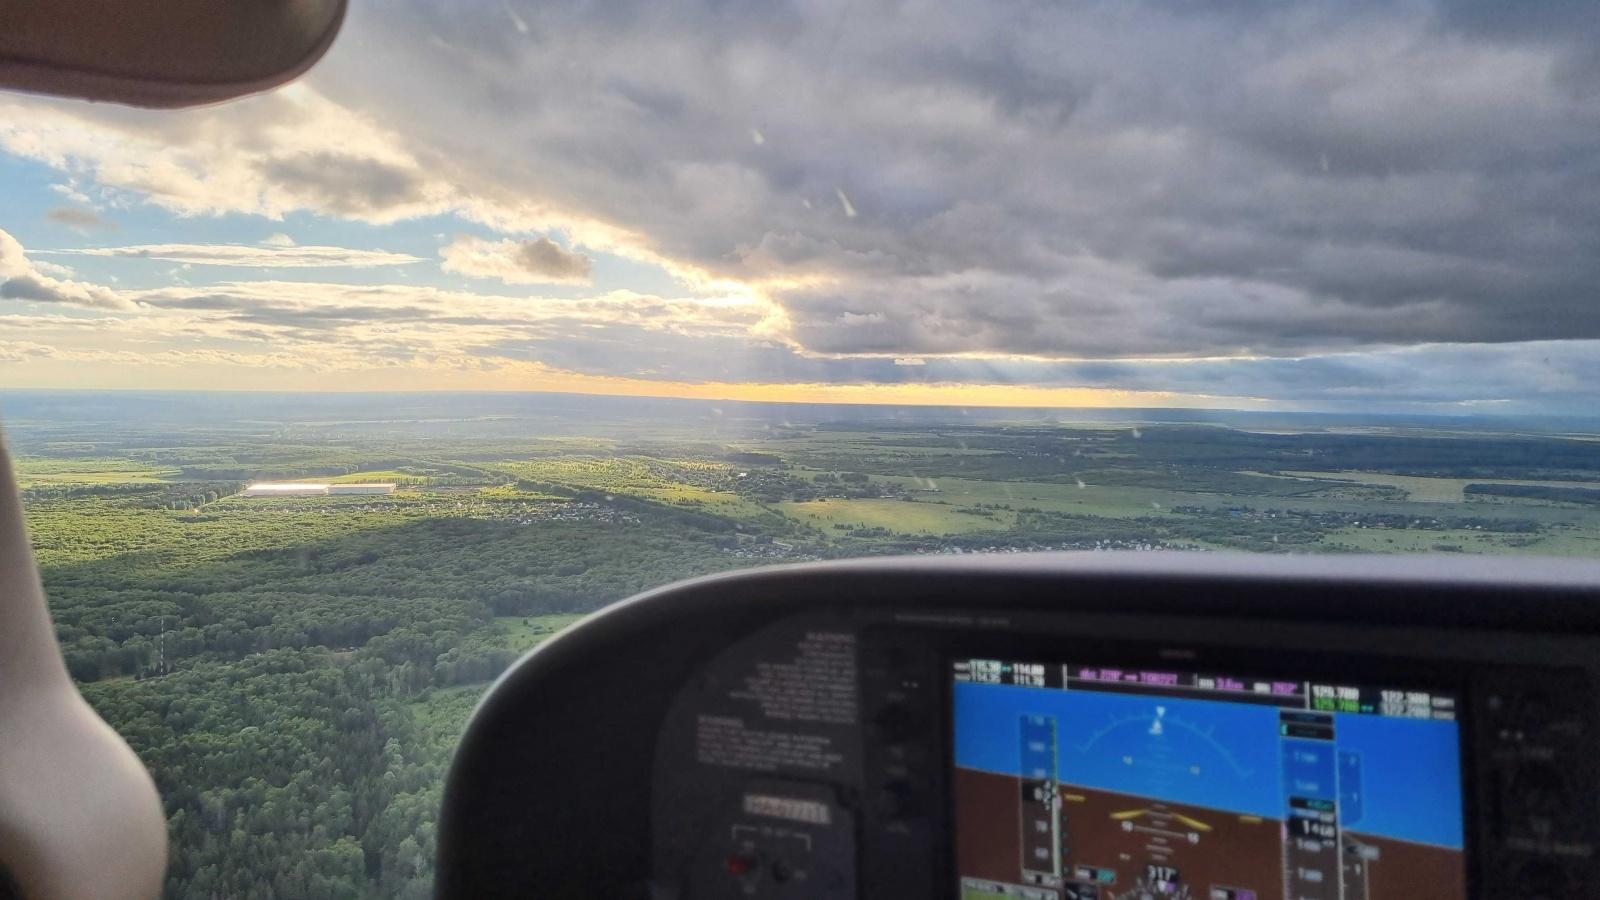 Обучение на частного пилота в России. Личный опыт - 7